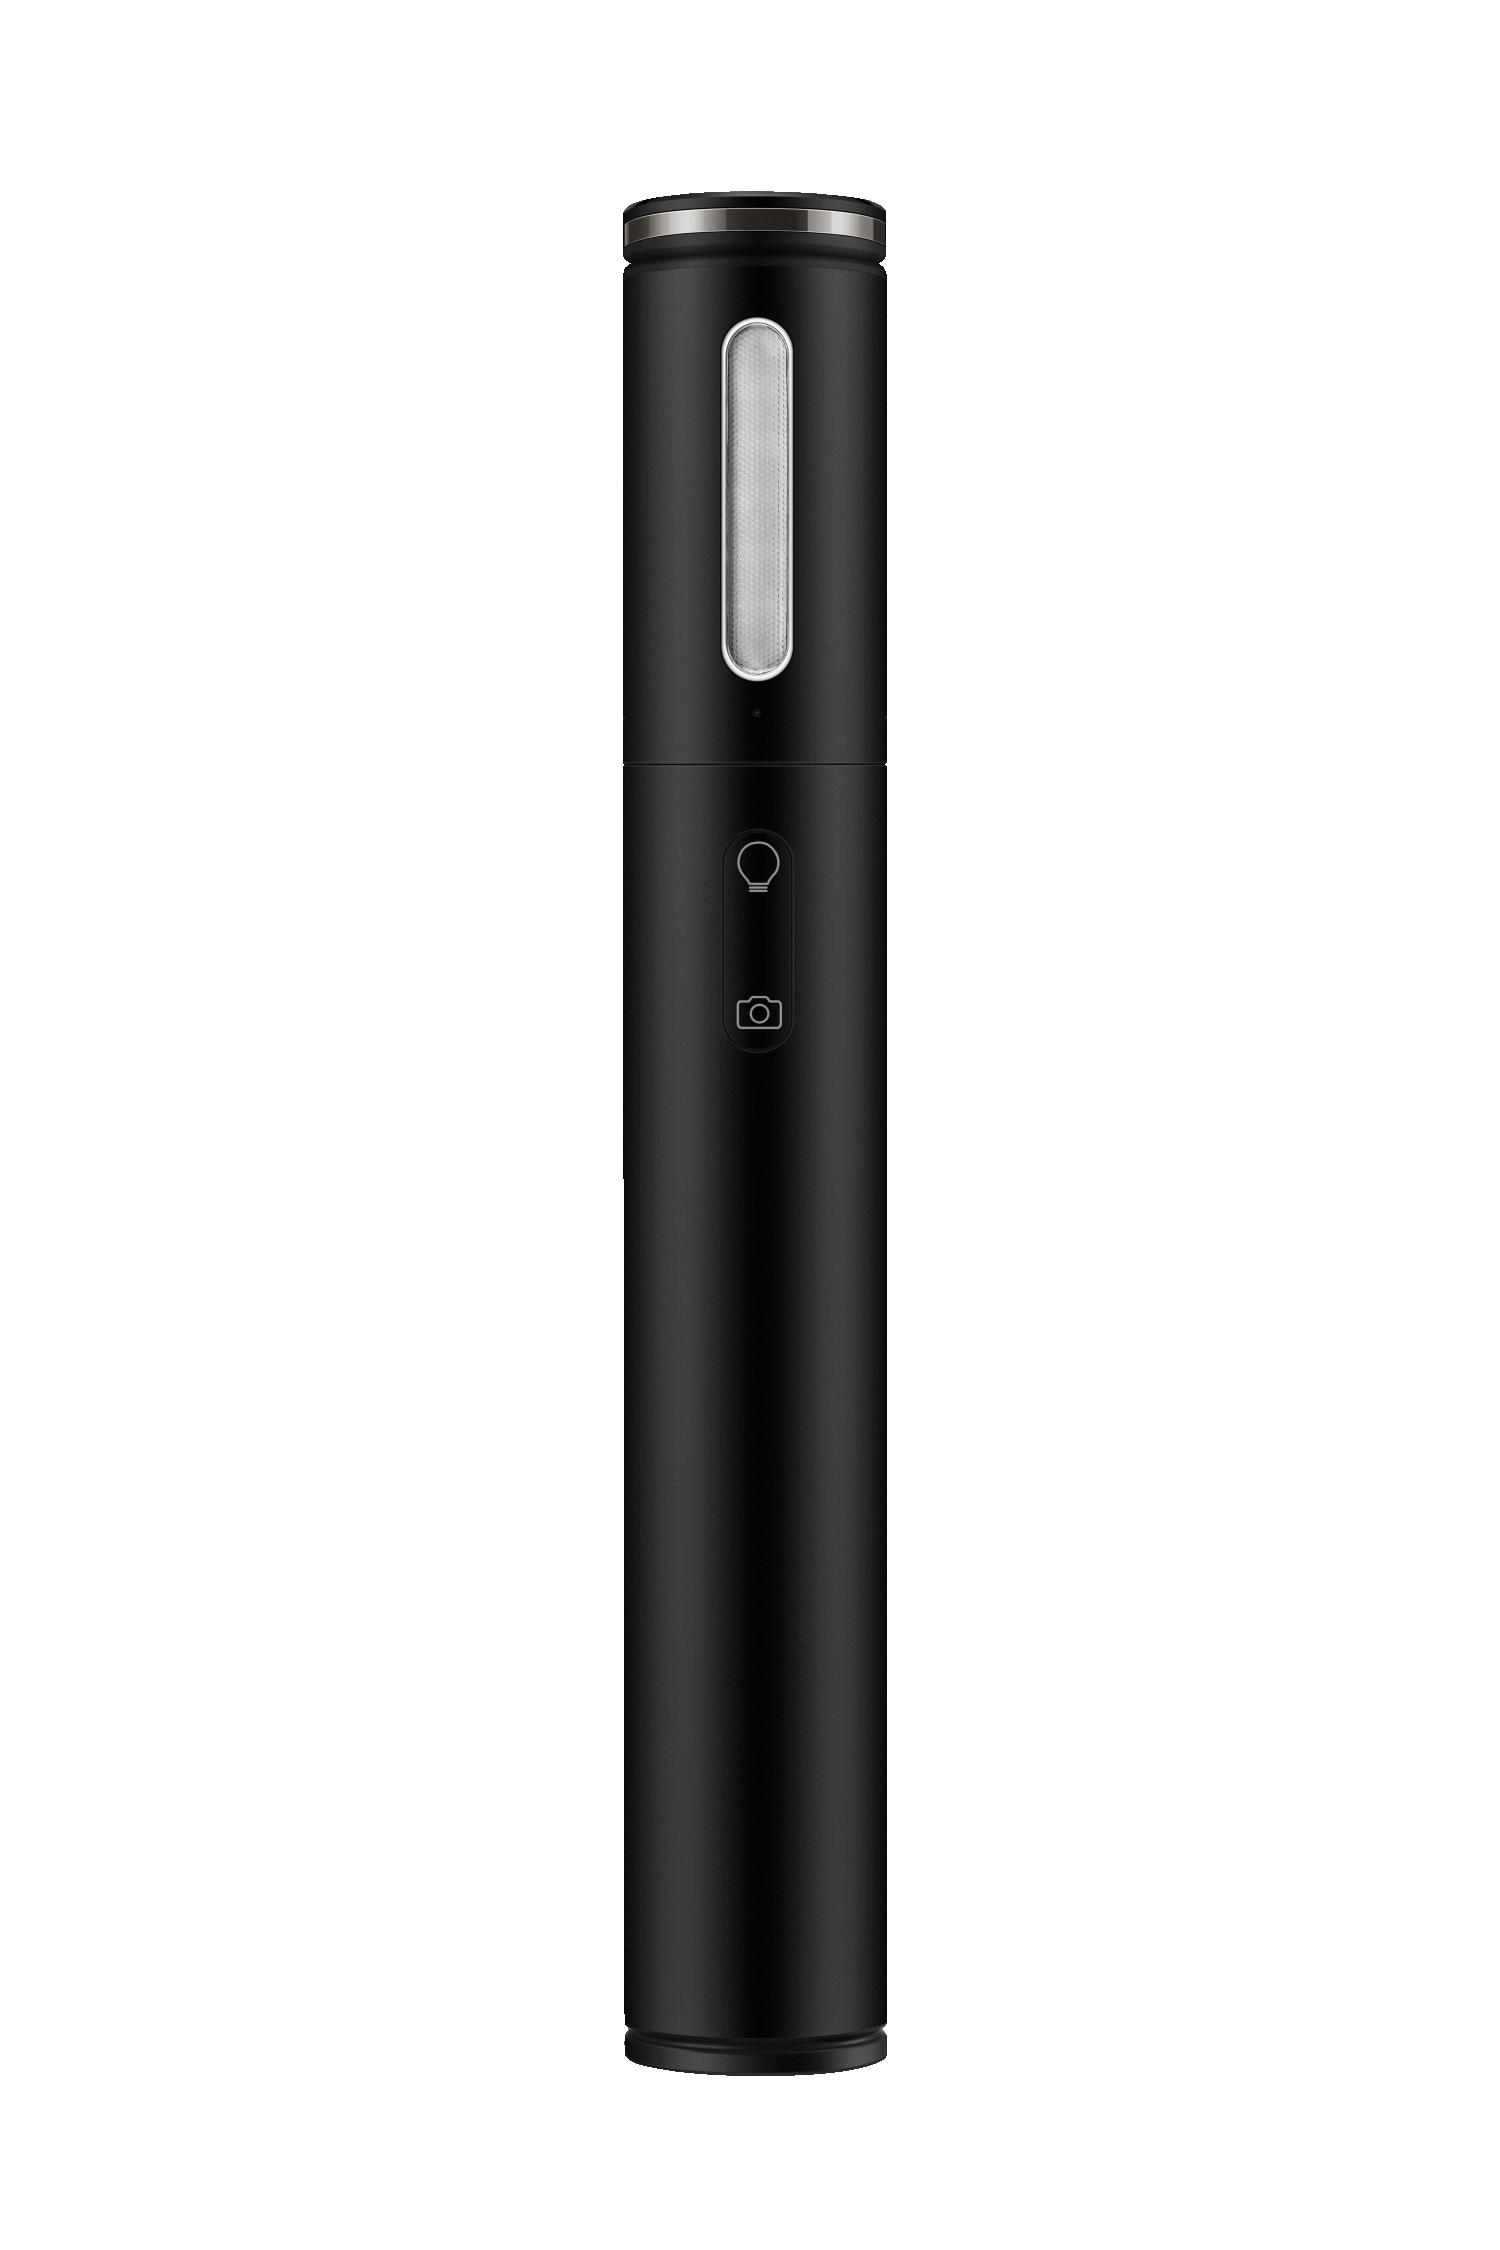 Huawei представила беспроводной монопод со вспышкой1